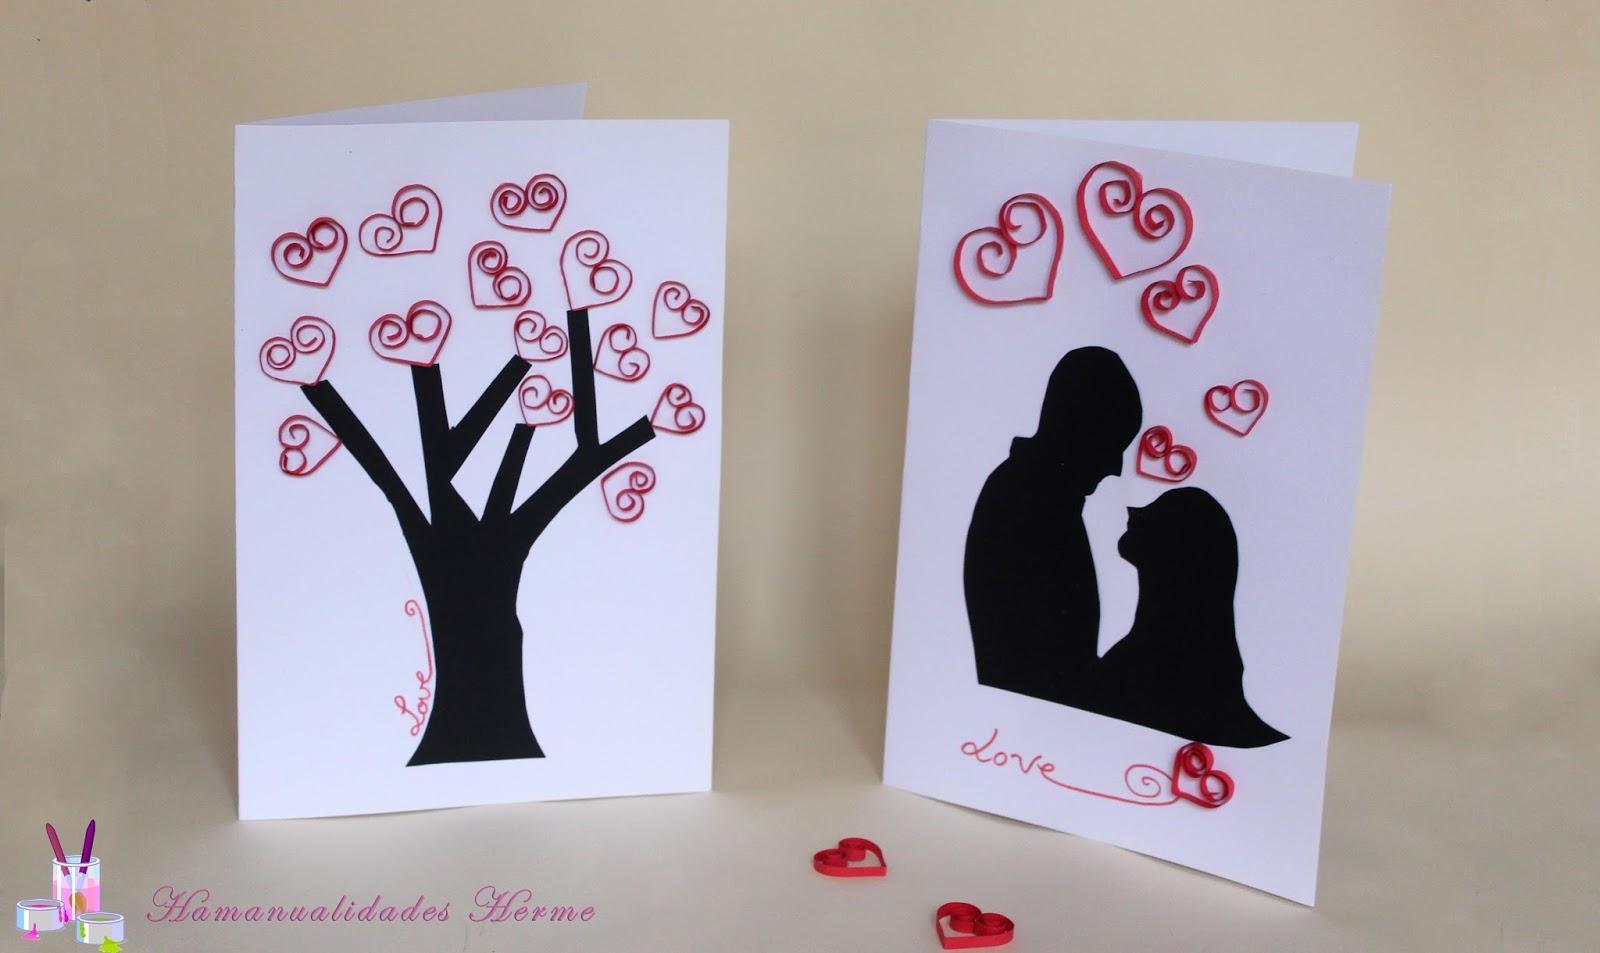 Manualidades Herme Como Hacer Una Tarjeta Para San Valentin